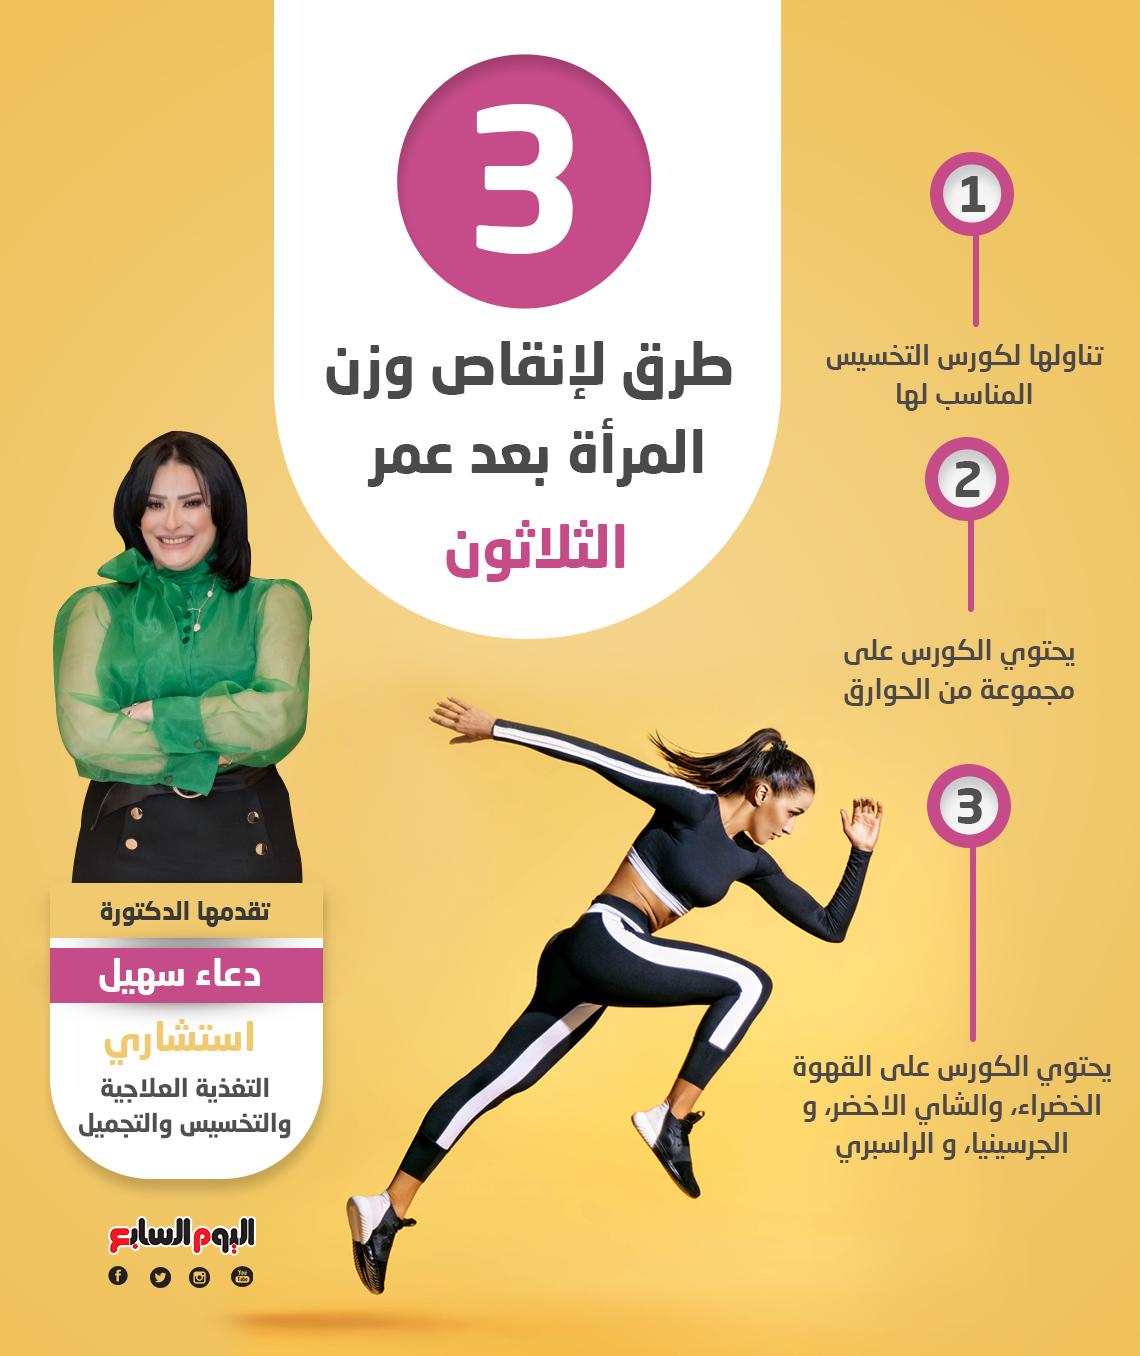 3 طرق لإنقاص وزن المرأة بعد عمر الثلاثون